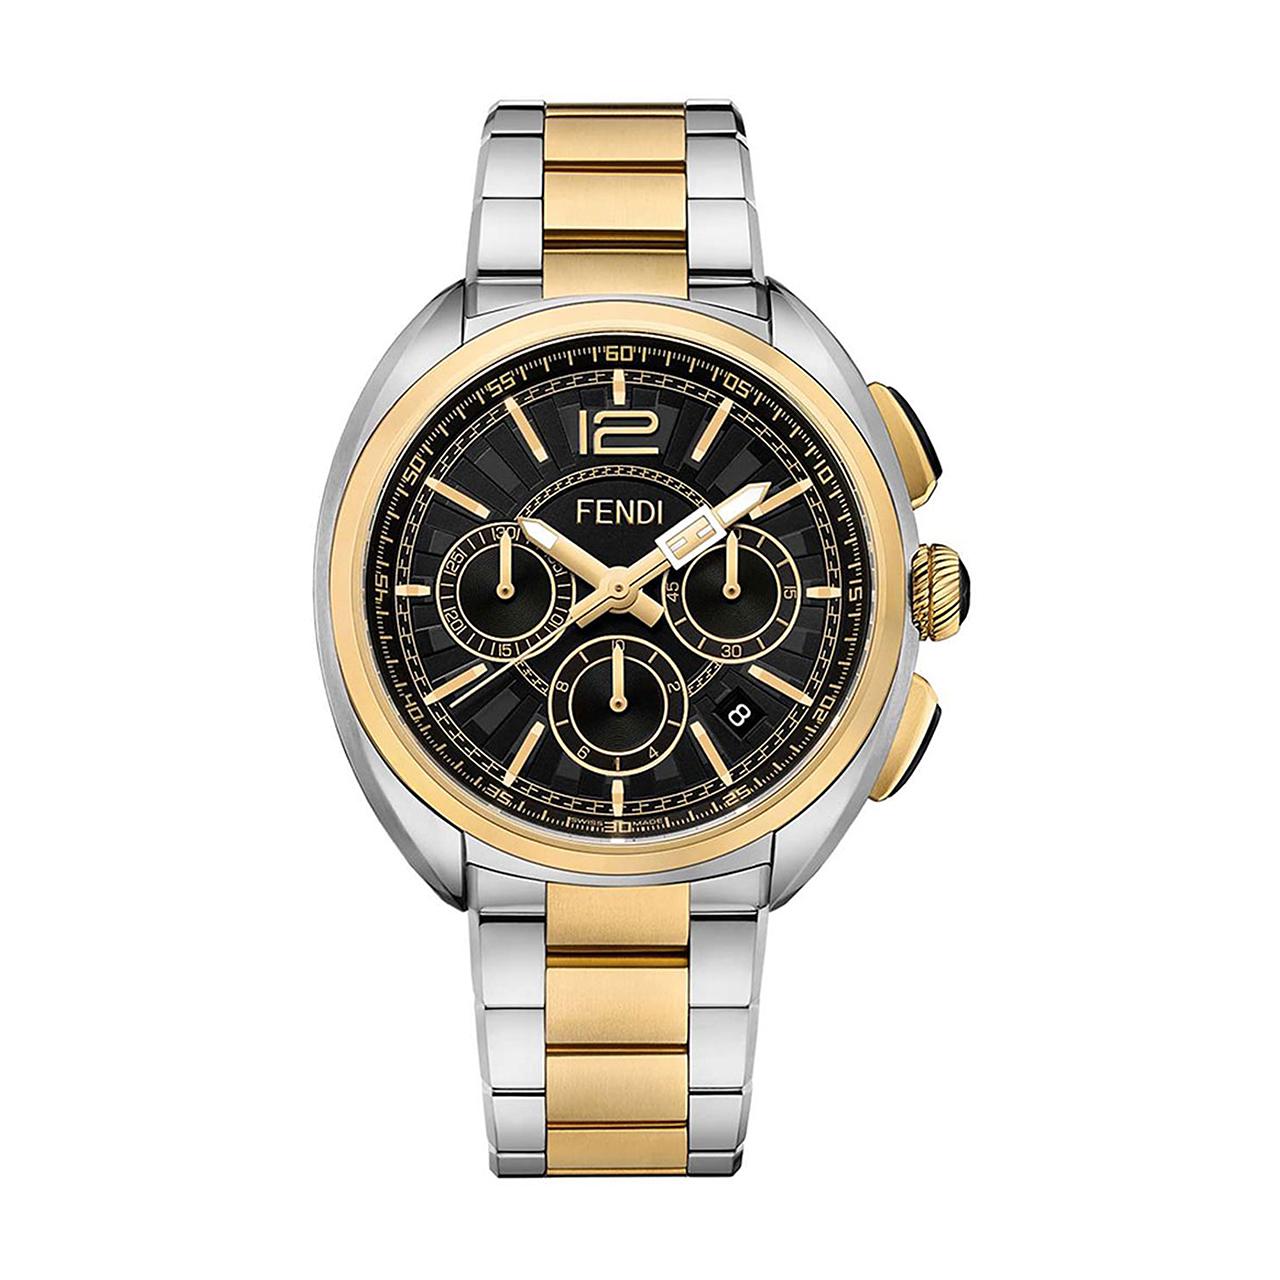 ساعت مچی عقربه ای مردانه فندی مدل F231111000